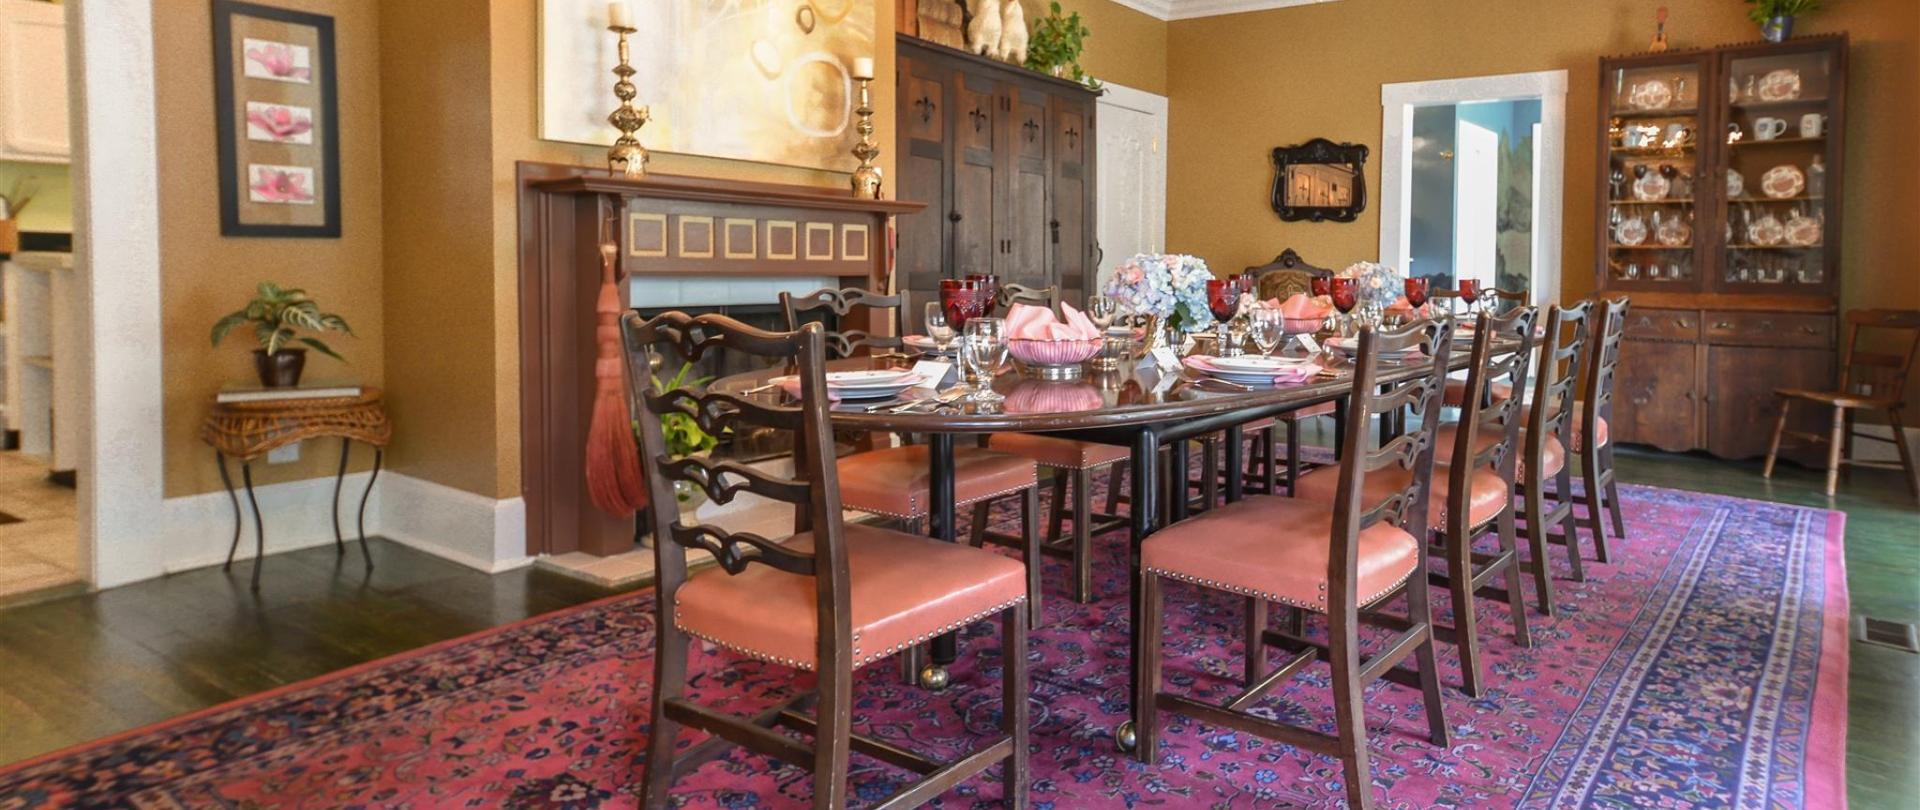 dining-room-01.jpg.1920x0.jpg